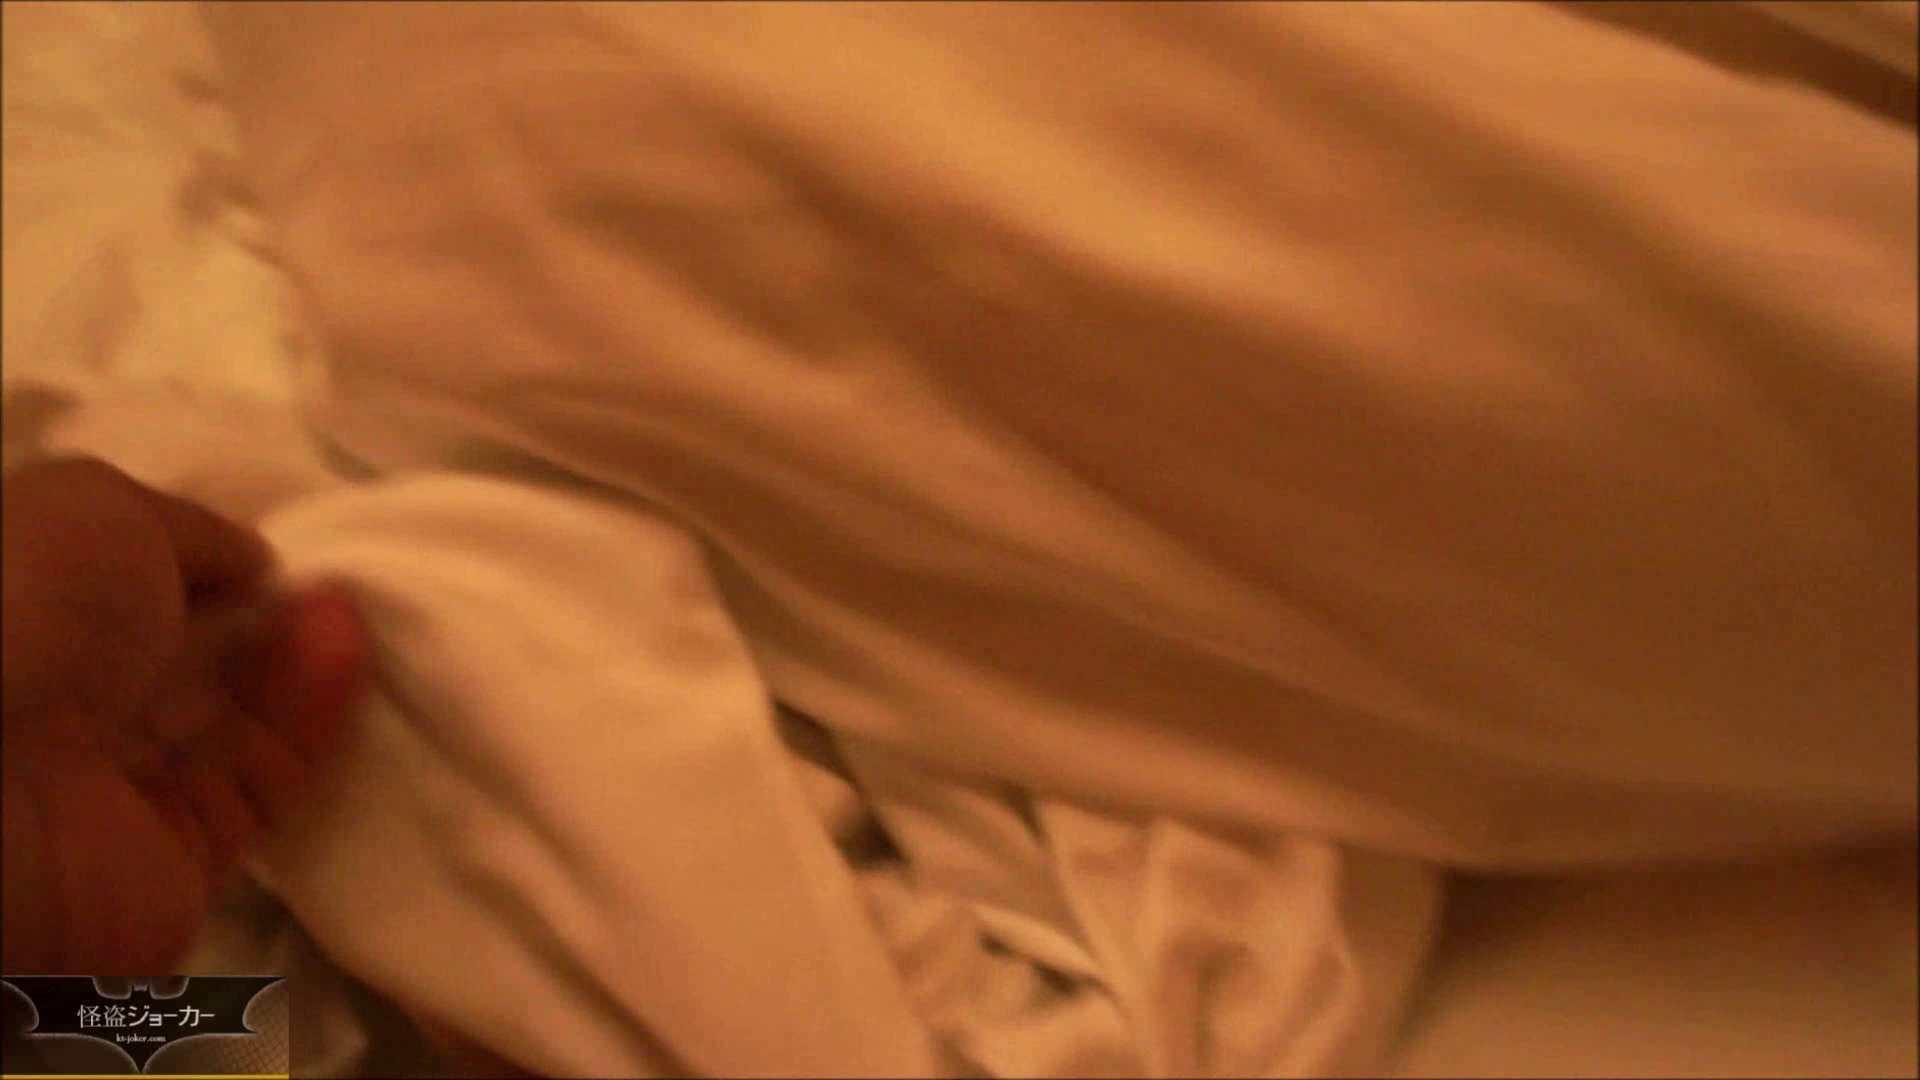 【未公開】vol.31 朋葉を目民り姫にして味比べ・・・ 肛門   OL  60連発 28